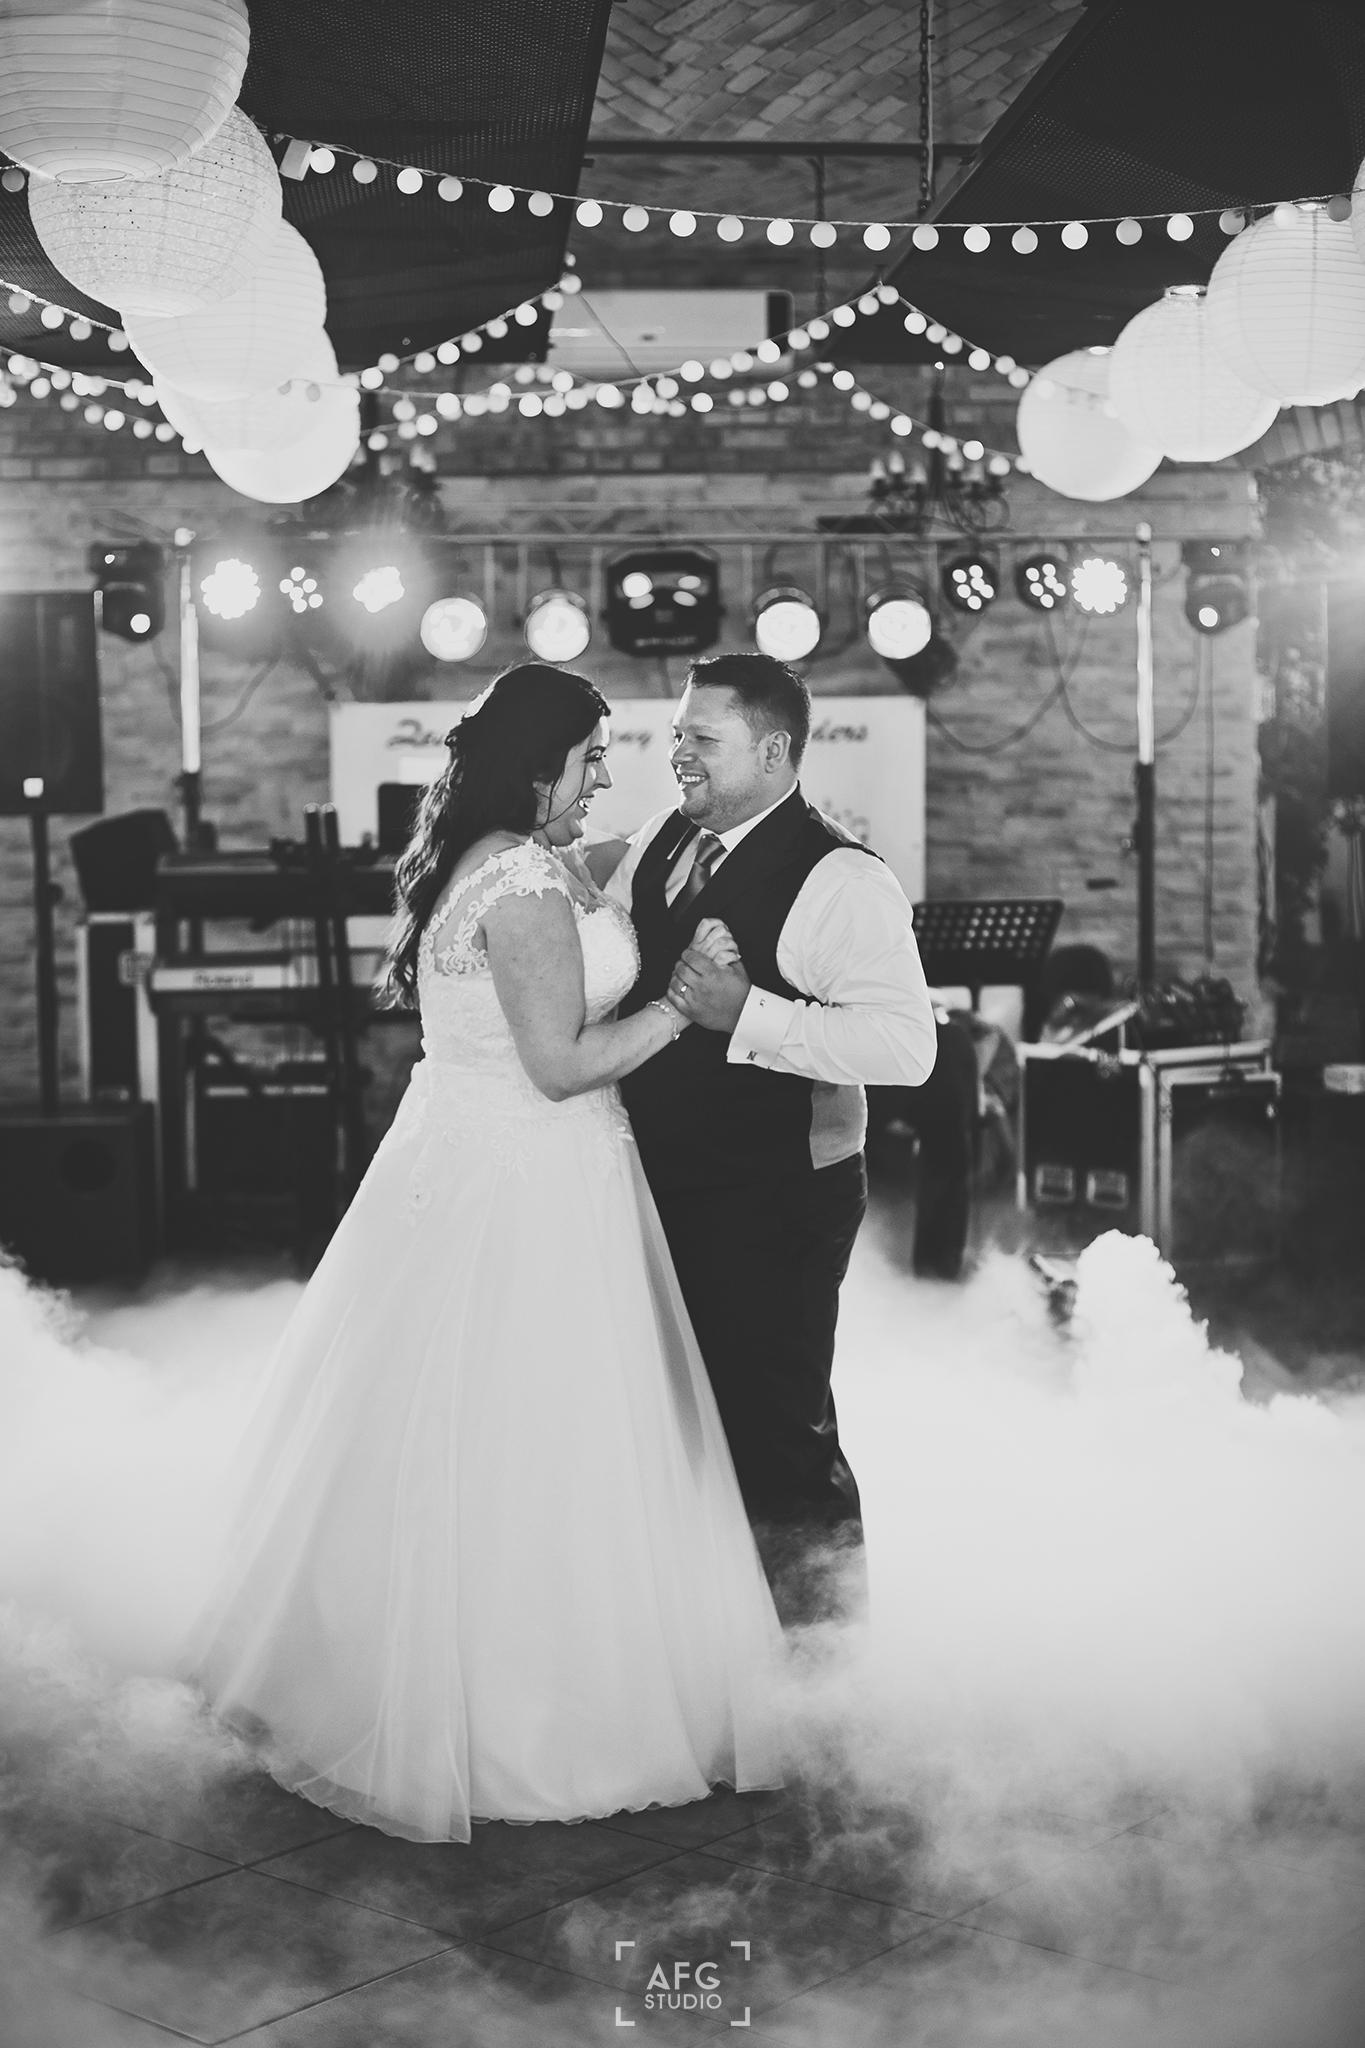 pierwszy taniec, ciężki dym, światła